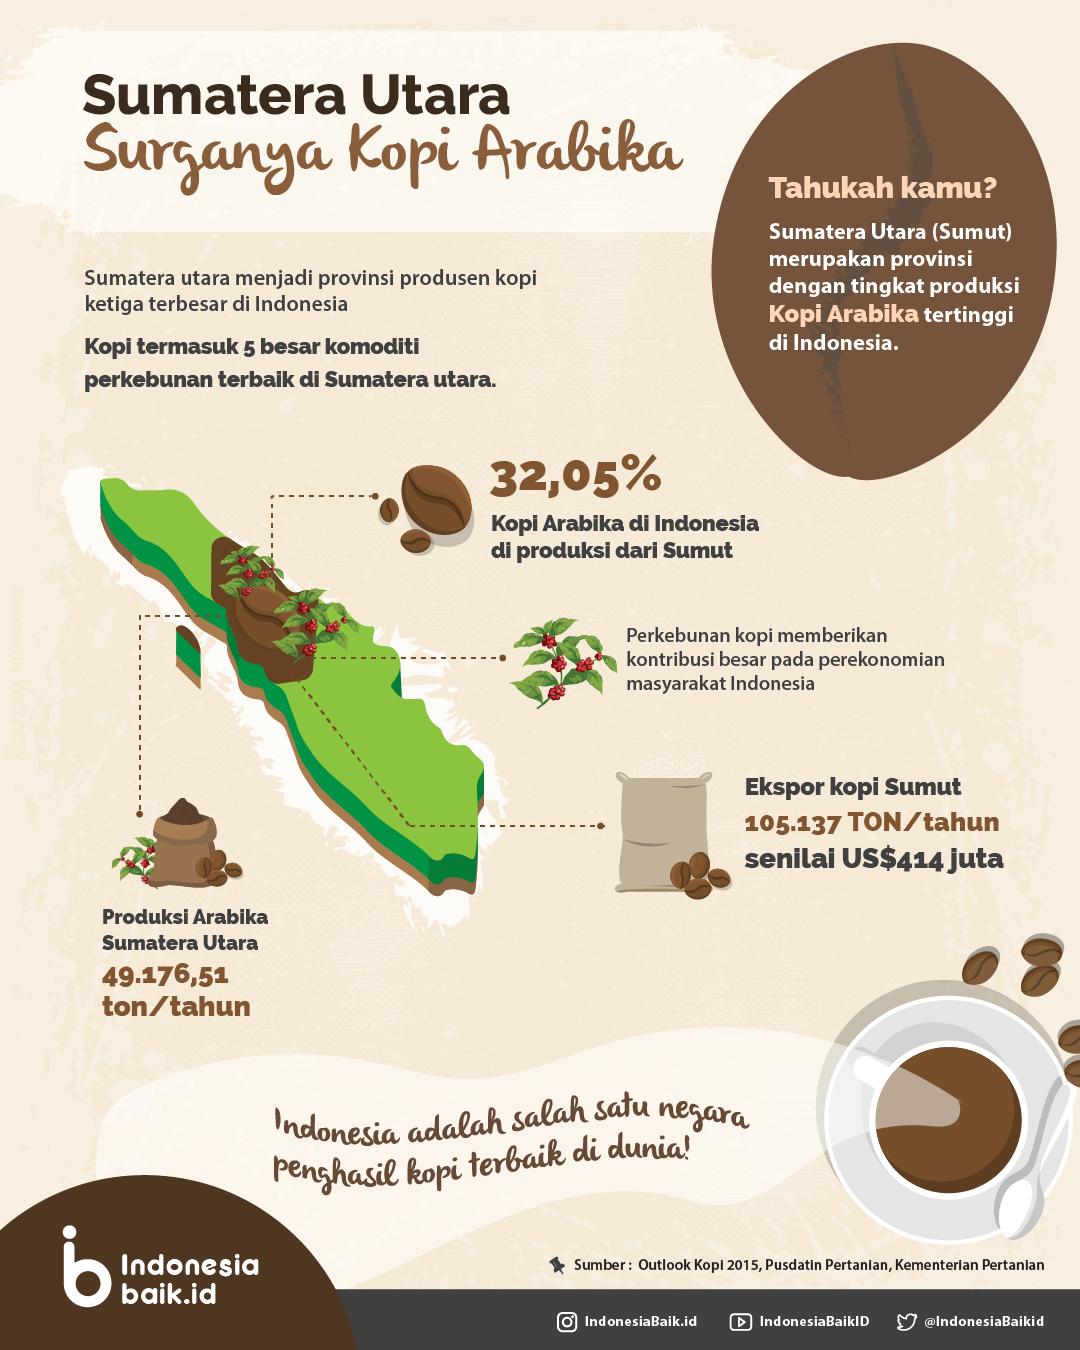 Sumatera Utara, Surganya Kopi Arabika Indonesia Baik